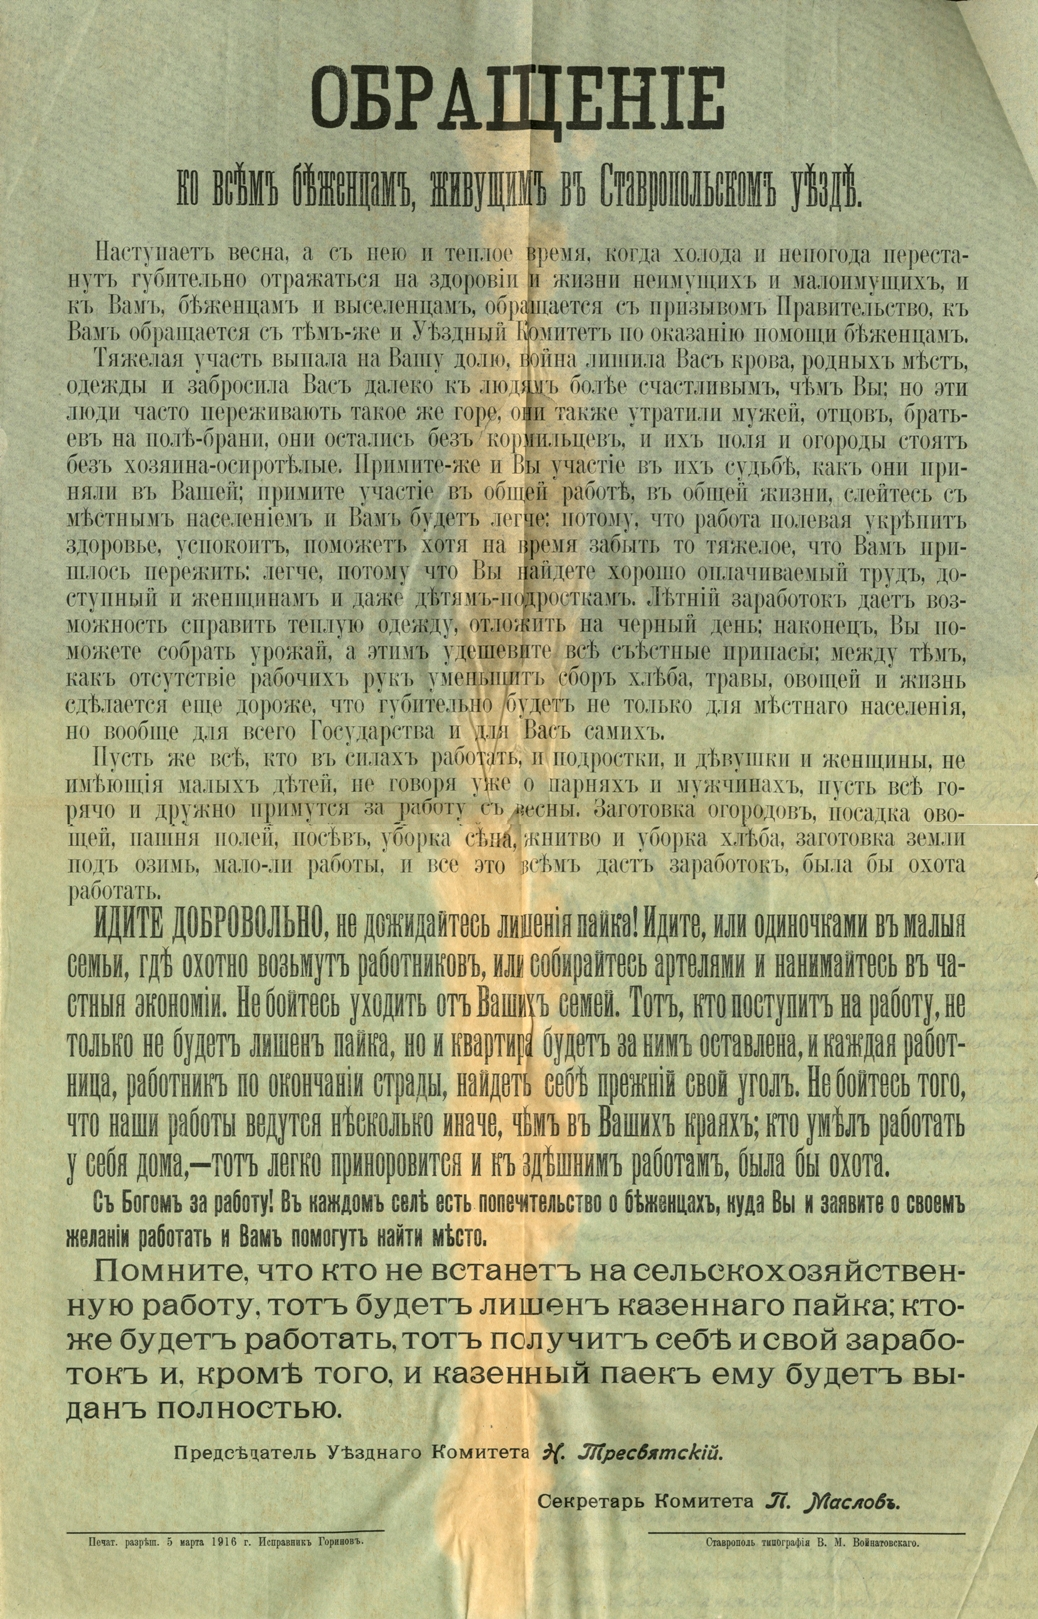 1916. Обращение к беженцам живущим в Ставропольском уезде.